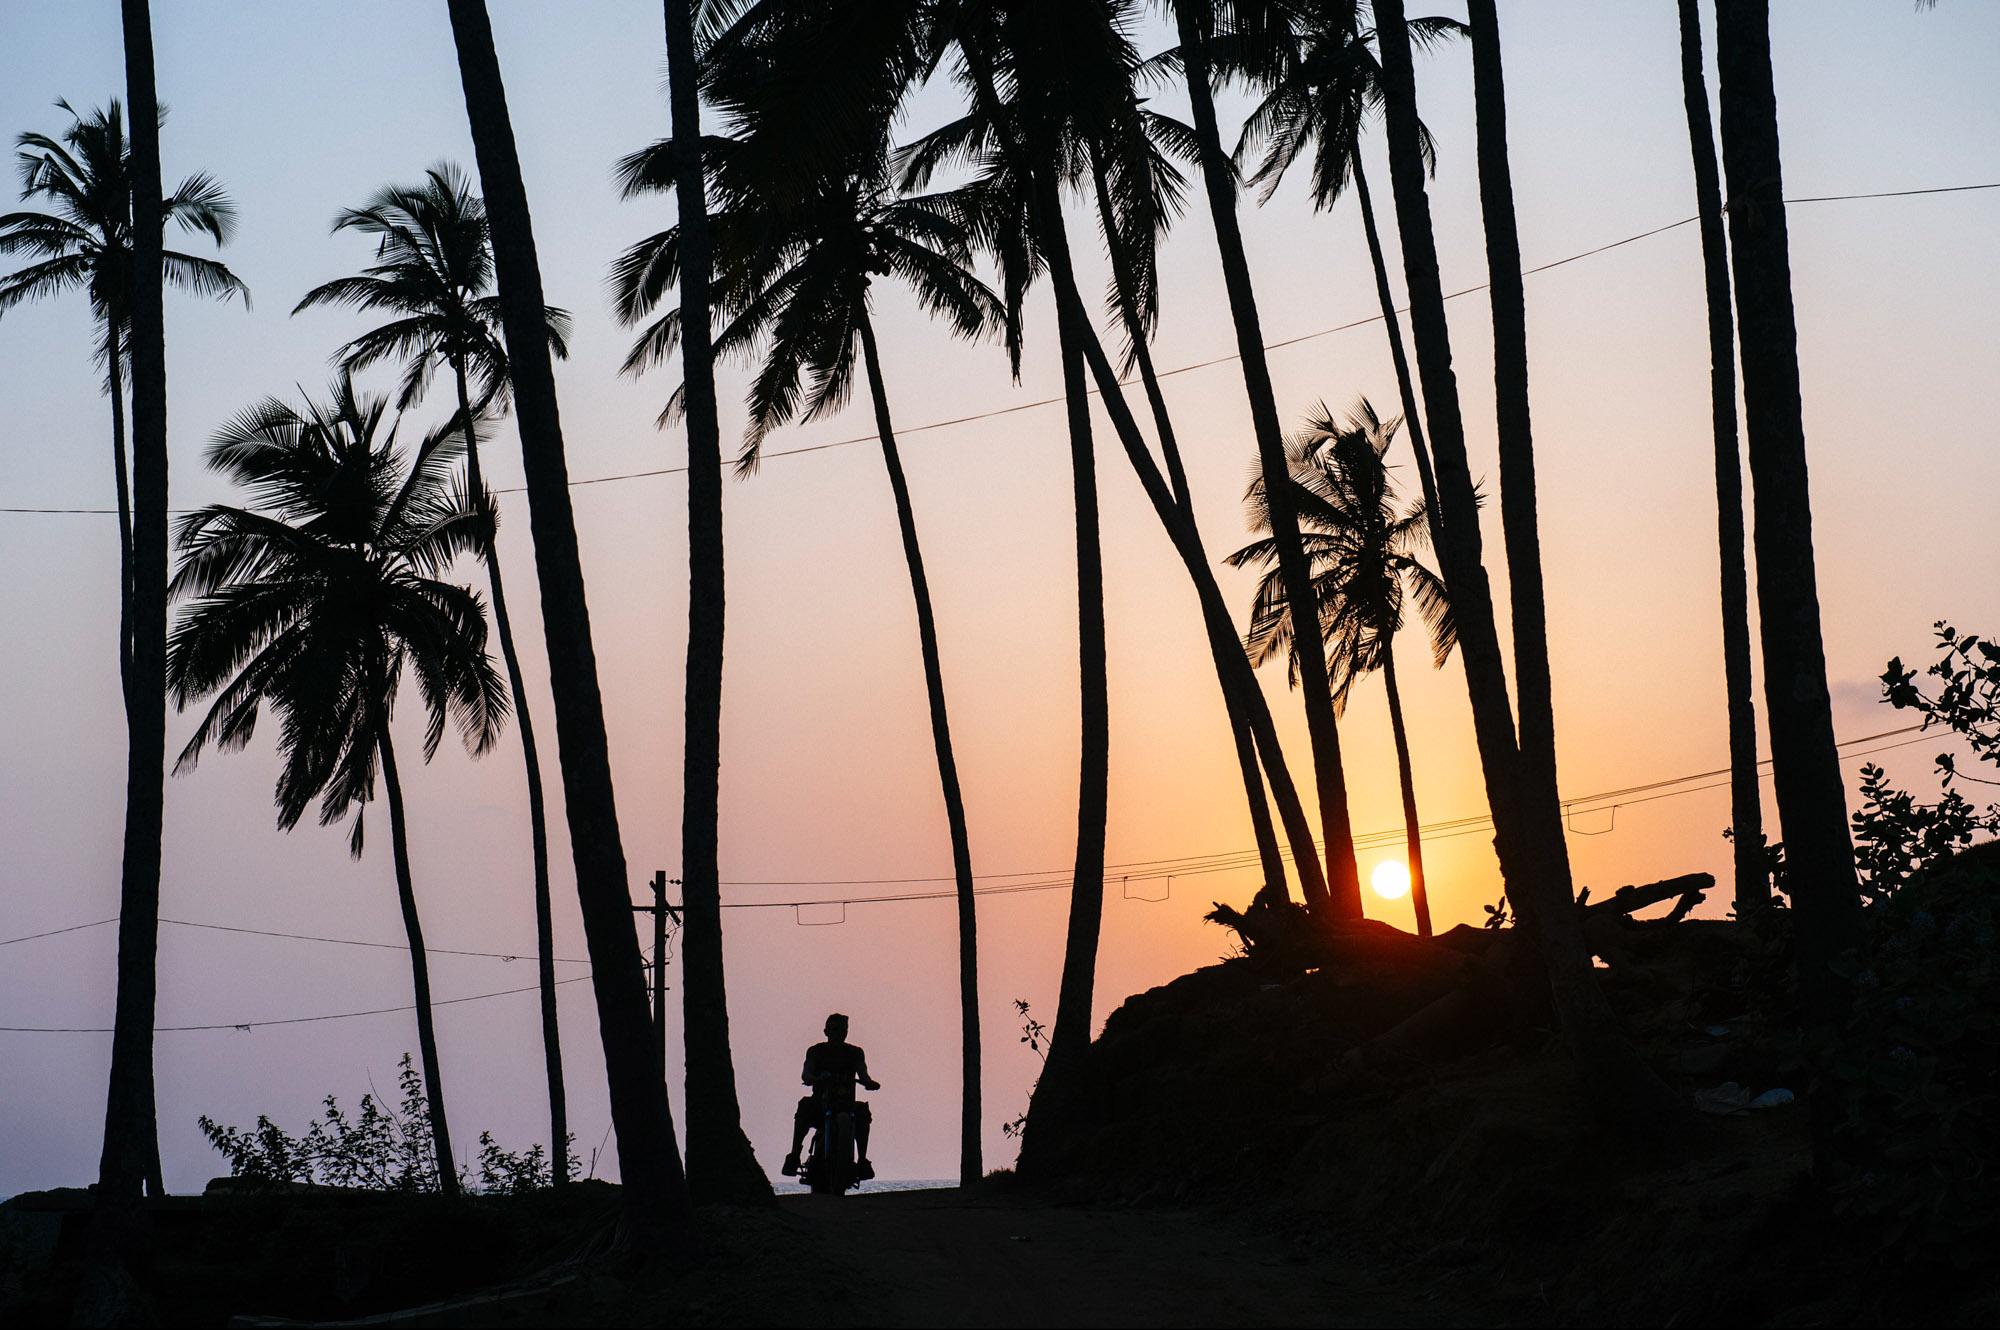 Ragandbone_sunset_goa_india.jpeg